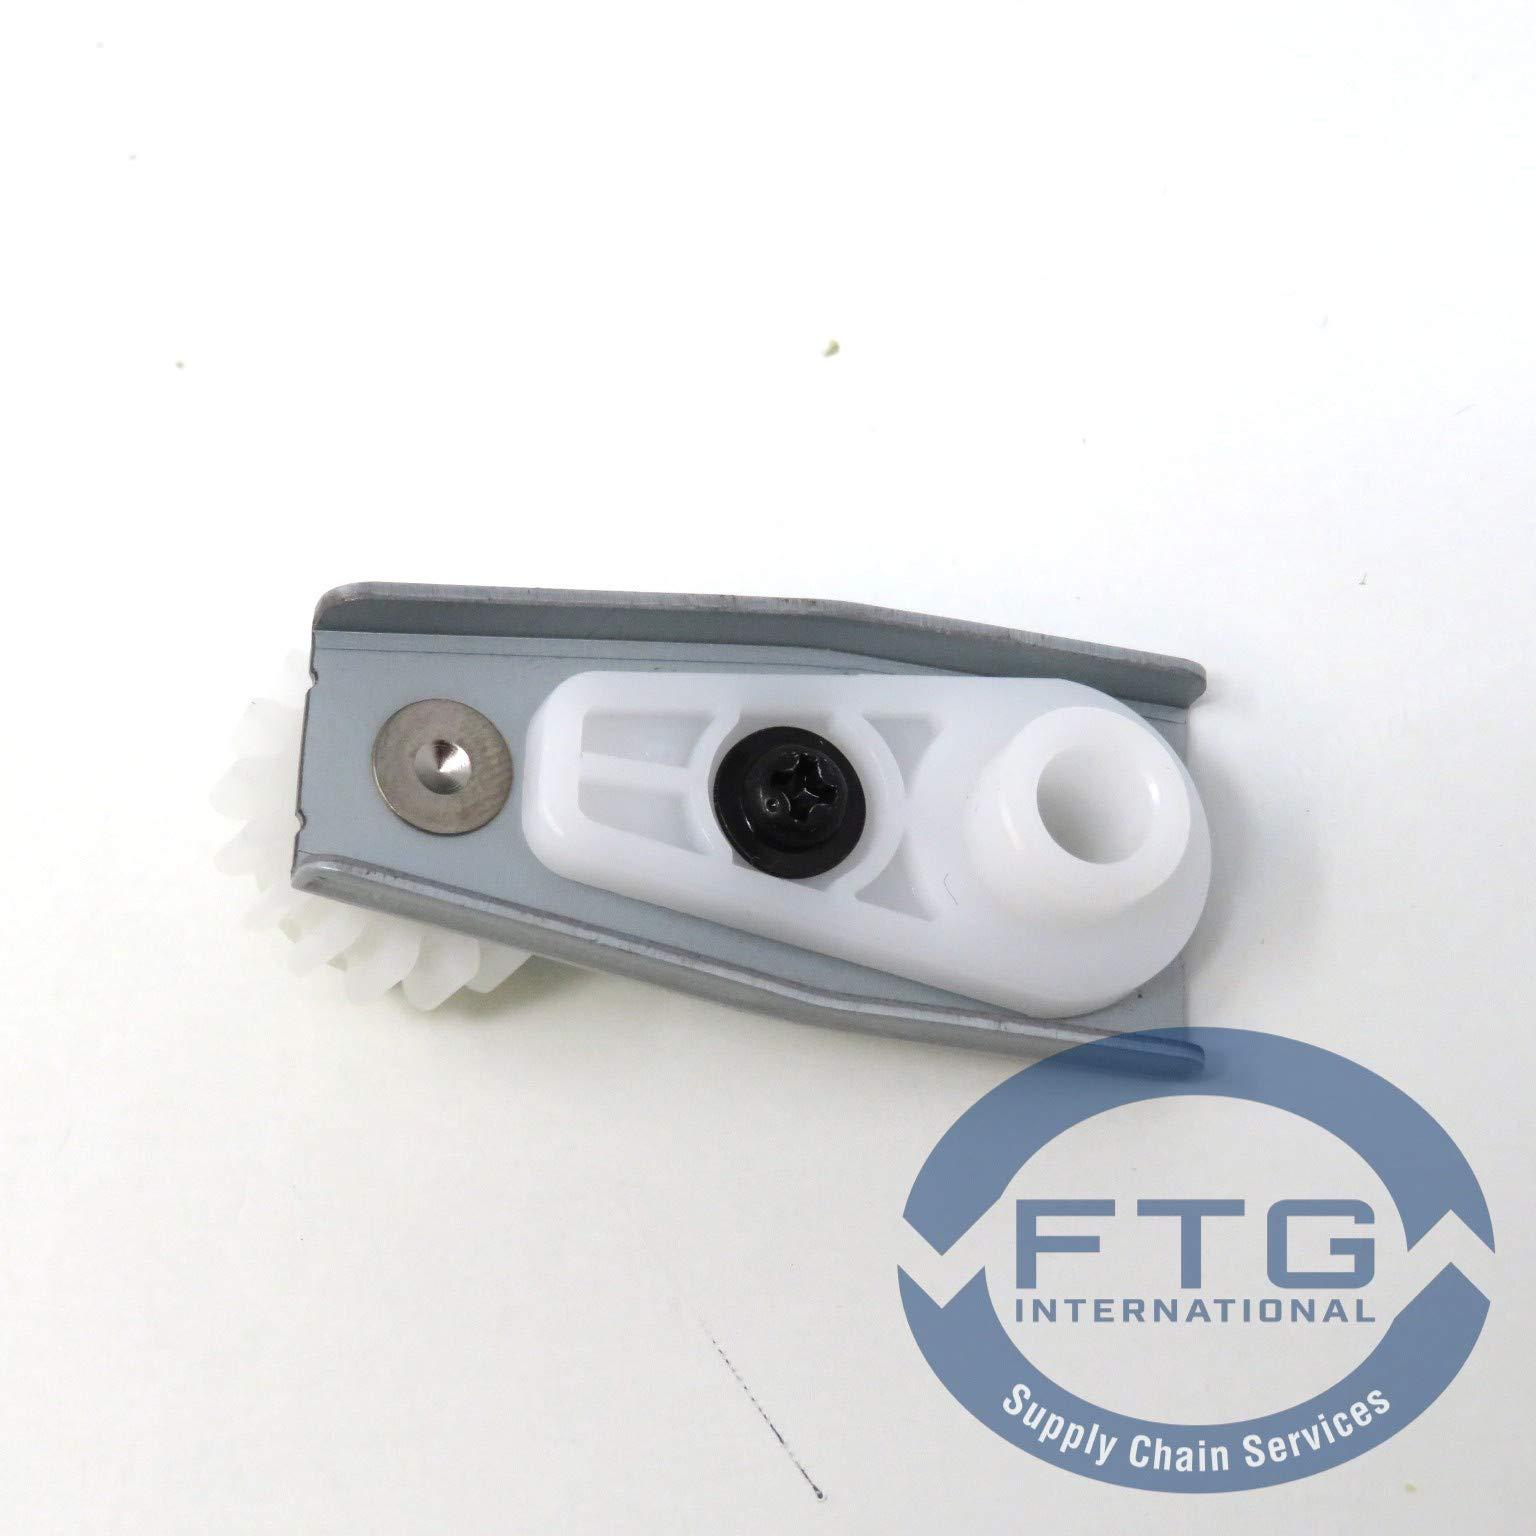 FTG International RM1-3748-000CN DUPLEXER-DUPLEXING Pendulum Assembly-GEA by FTG International (Image #3)